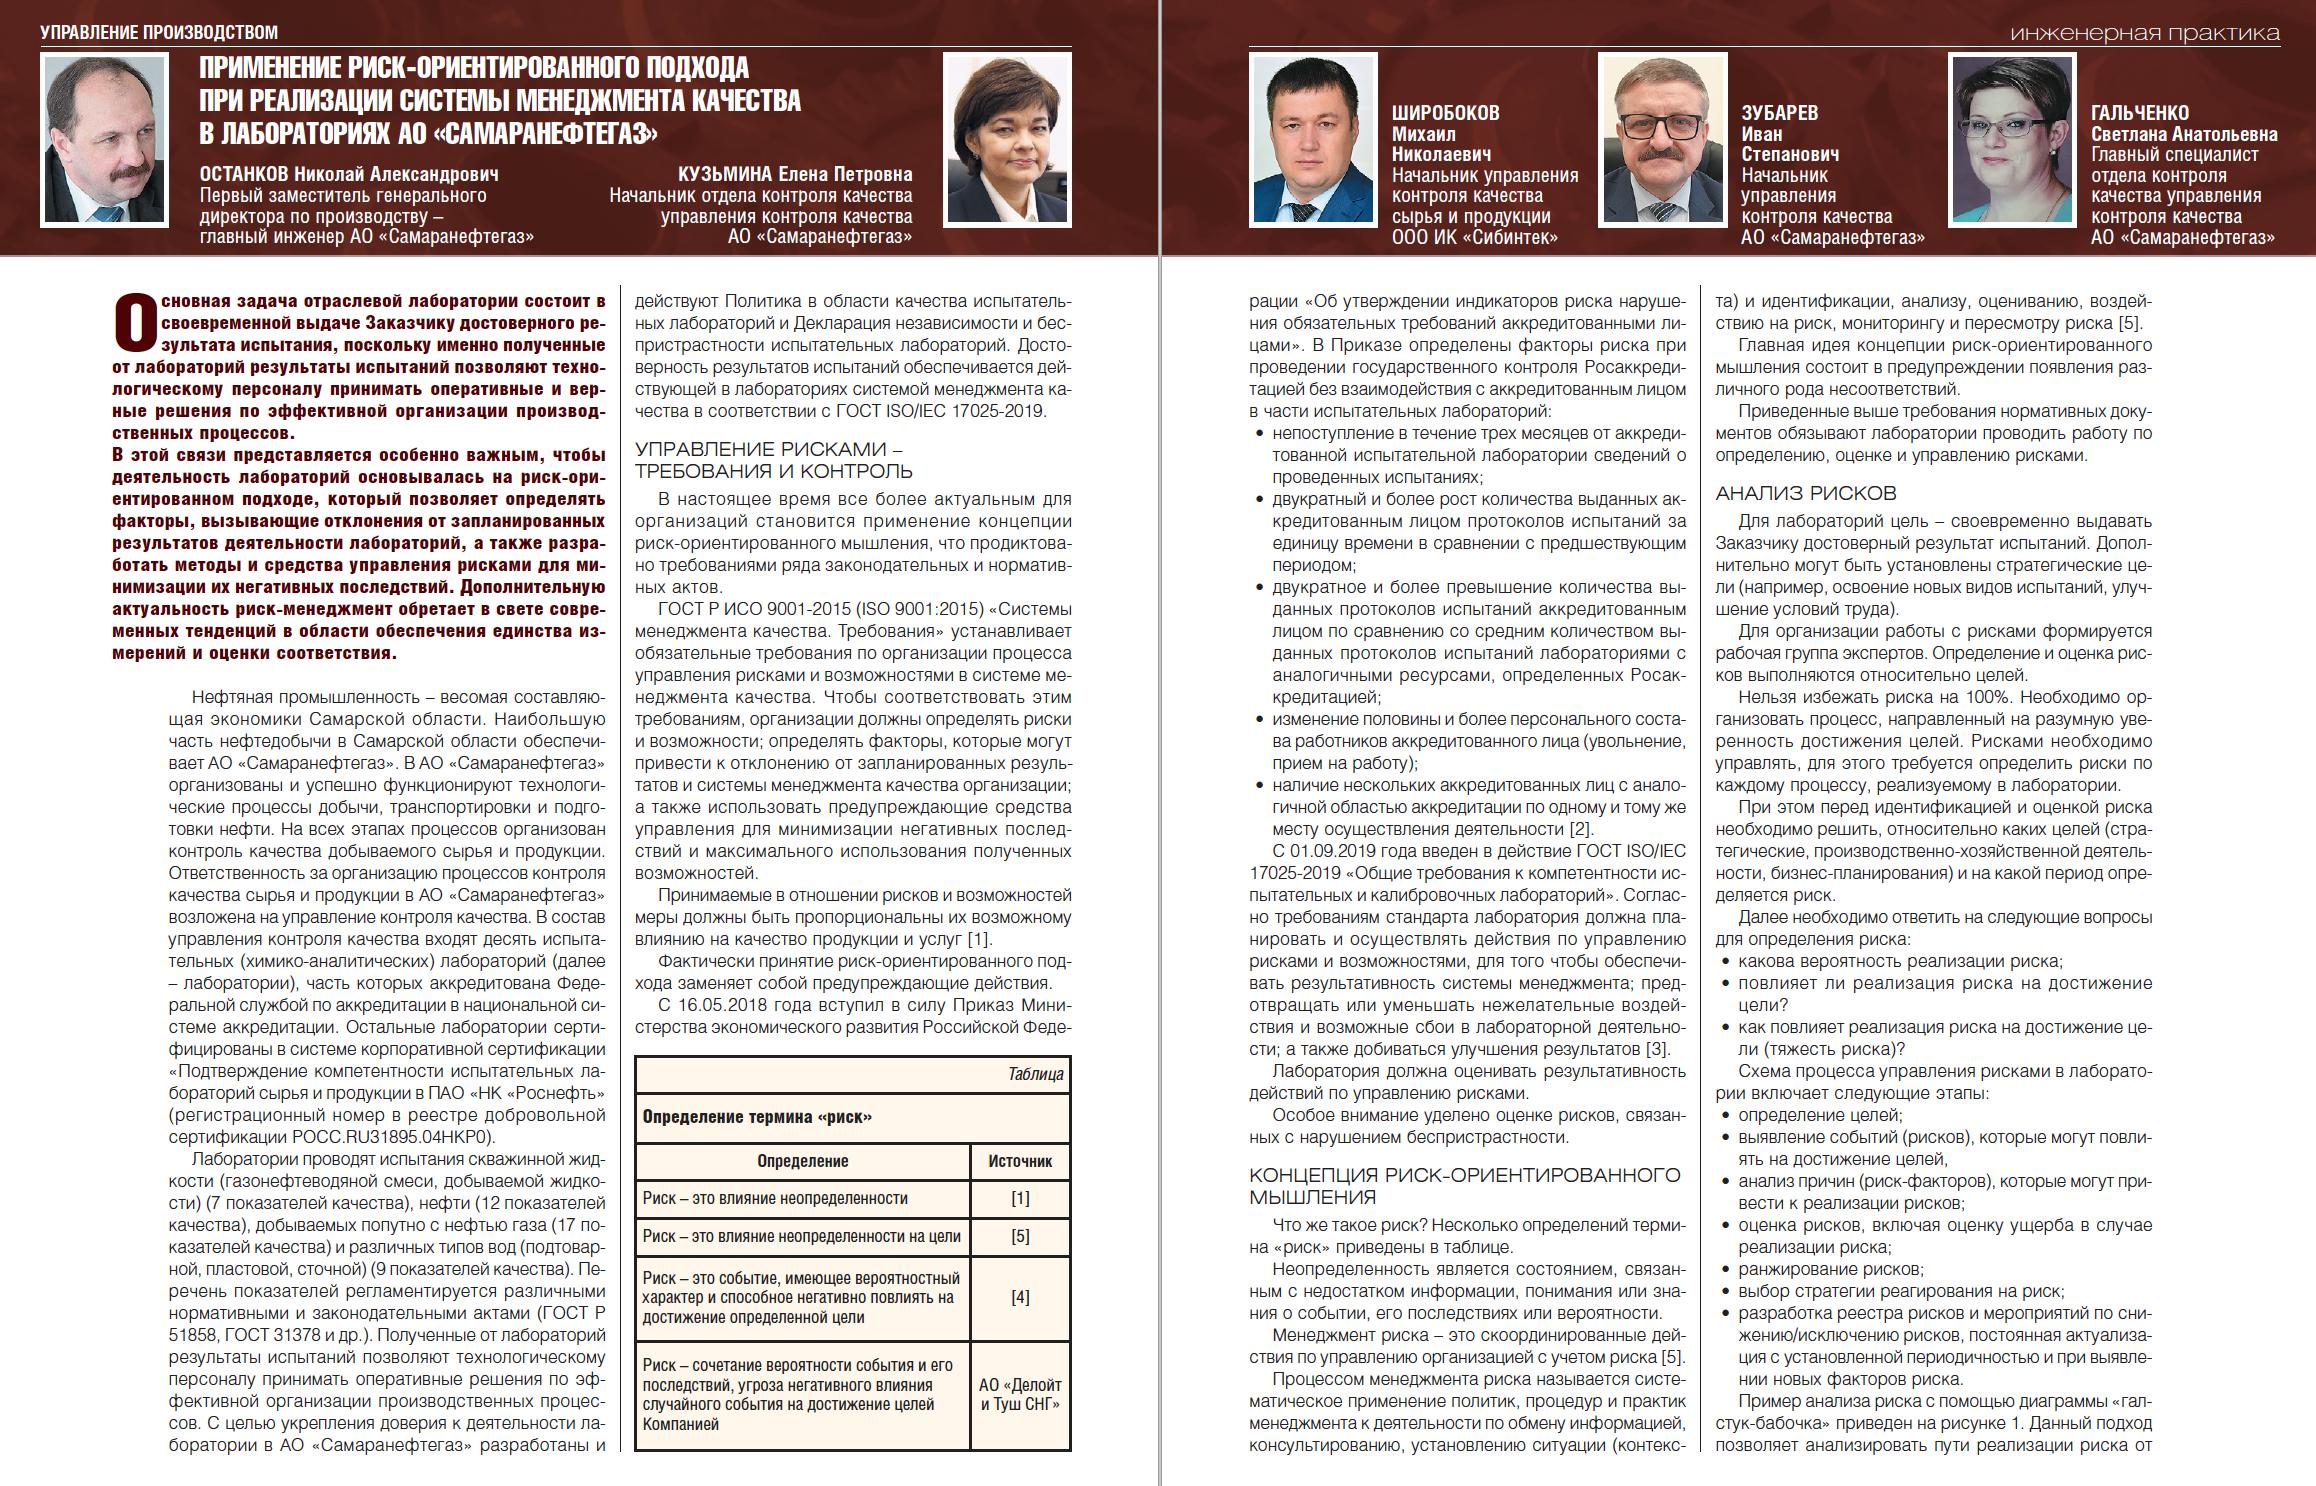 30841 Применение риск-ориентированного подхода при реализации системы менеджмента качества в лабораториях АО «Самаранефтегаз»